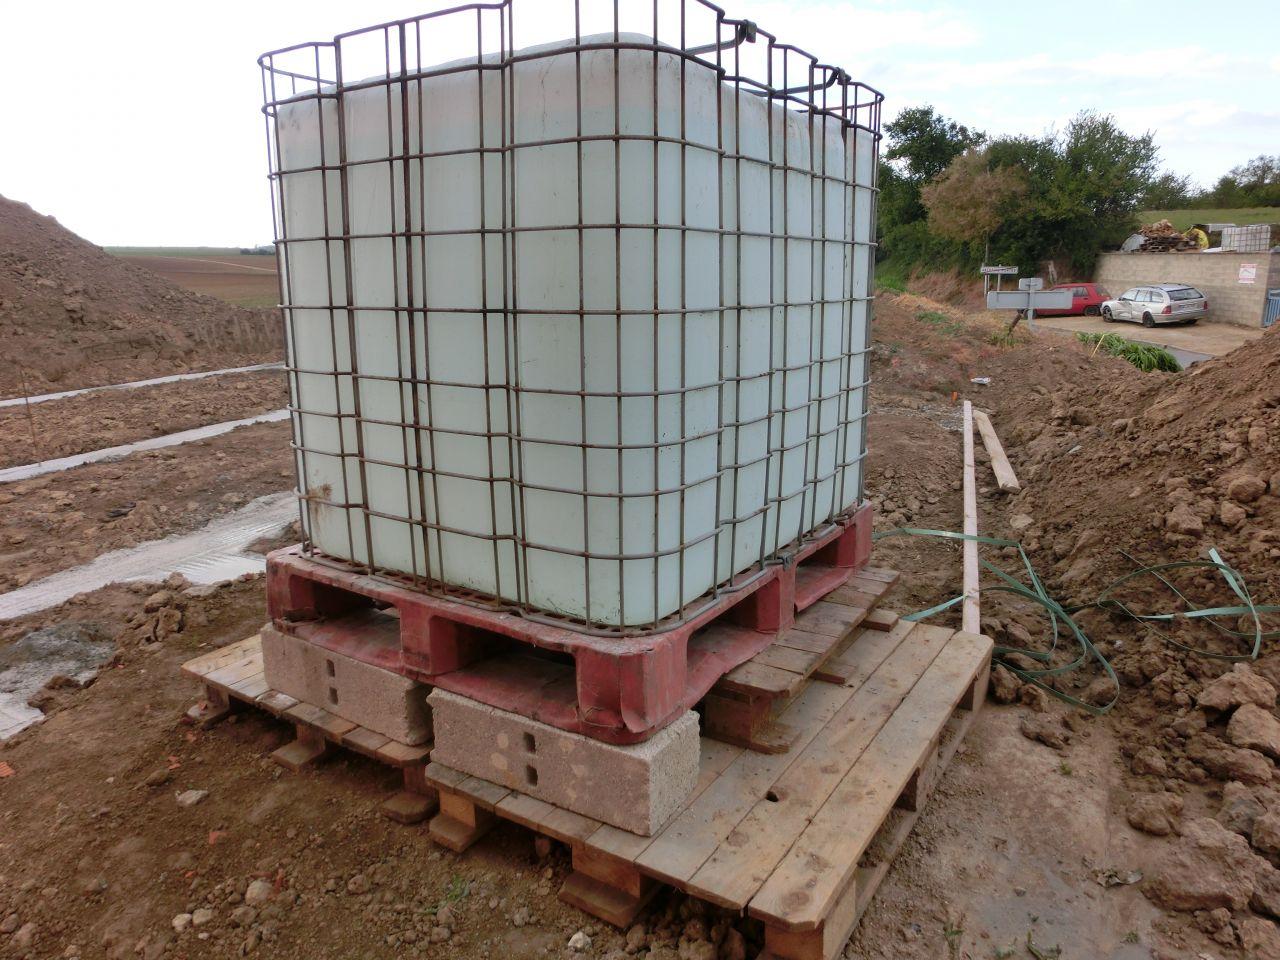 Mise en place d'une cuve de 1 m2 d'eau sur le chantier, car la SAUR n'a pas encore effectué le raccordement à l'eau potable. <br /> Un grand merci à mes futur voisins qui mon permis de remplir la cuve sans avoir à galérer.